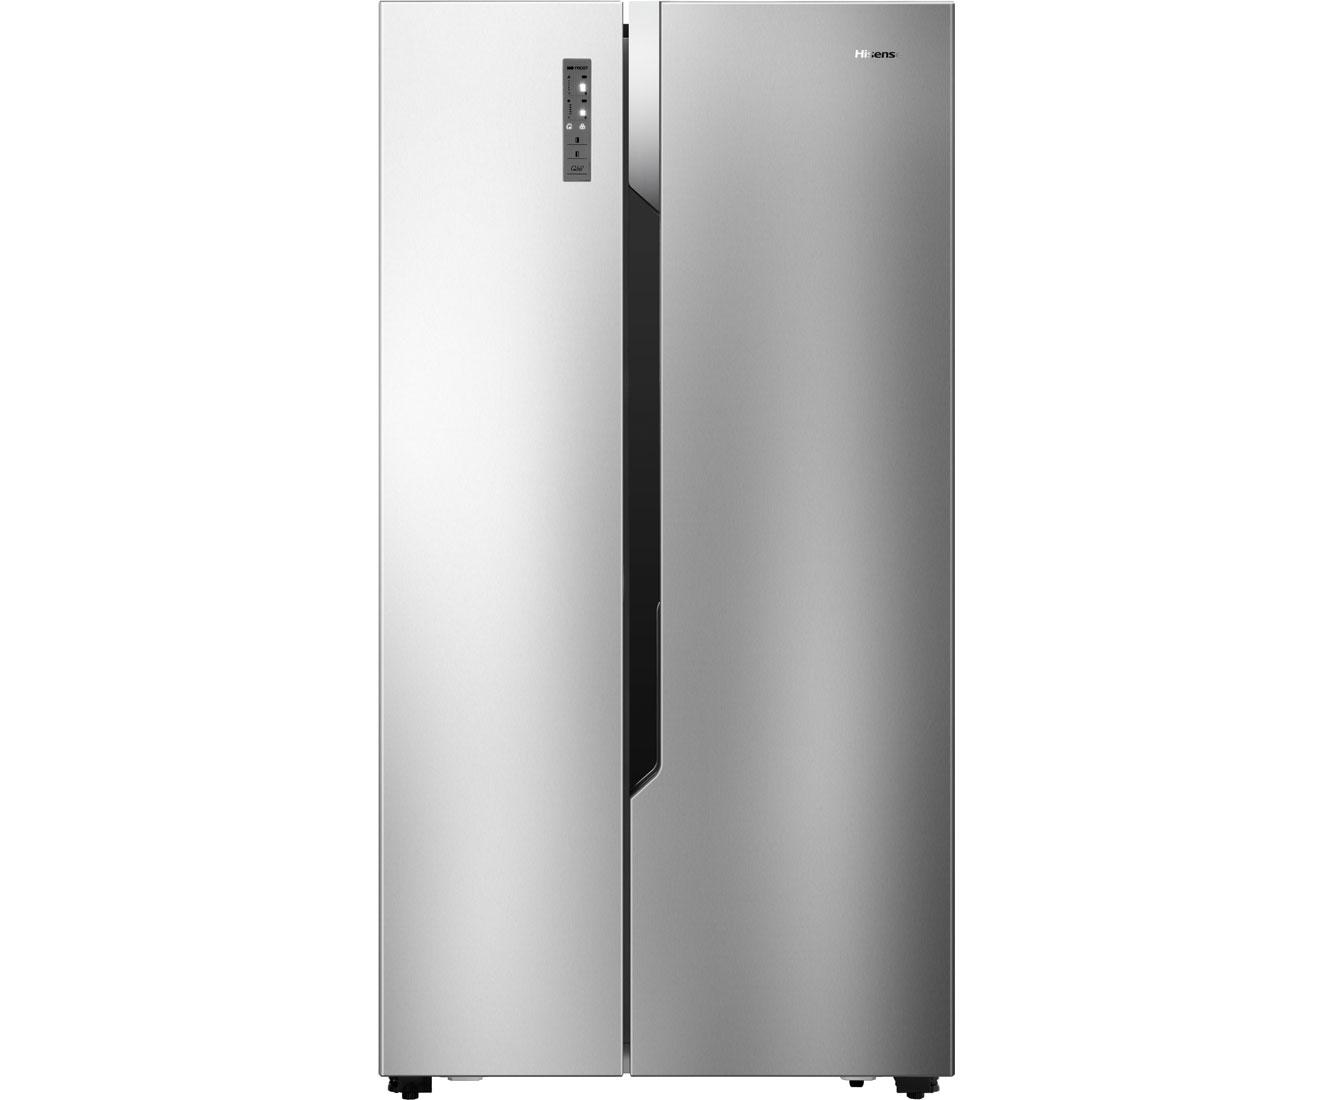 Bosch Kühlschrank Iwd Off : Siemens side by side preisvergleich u2022 die besten angebote online kaufen